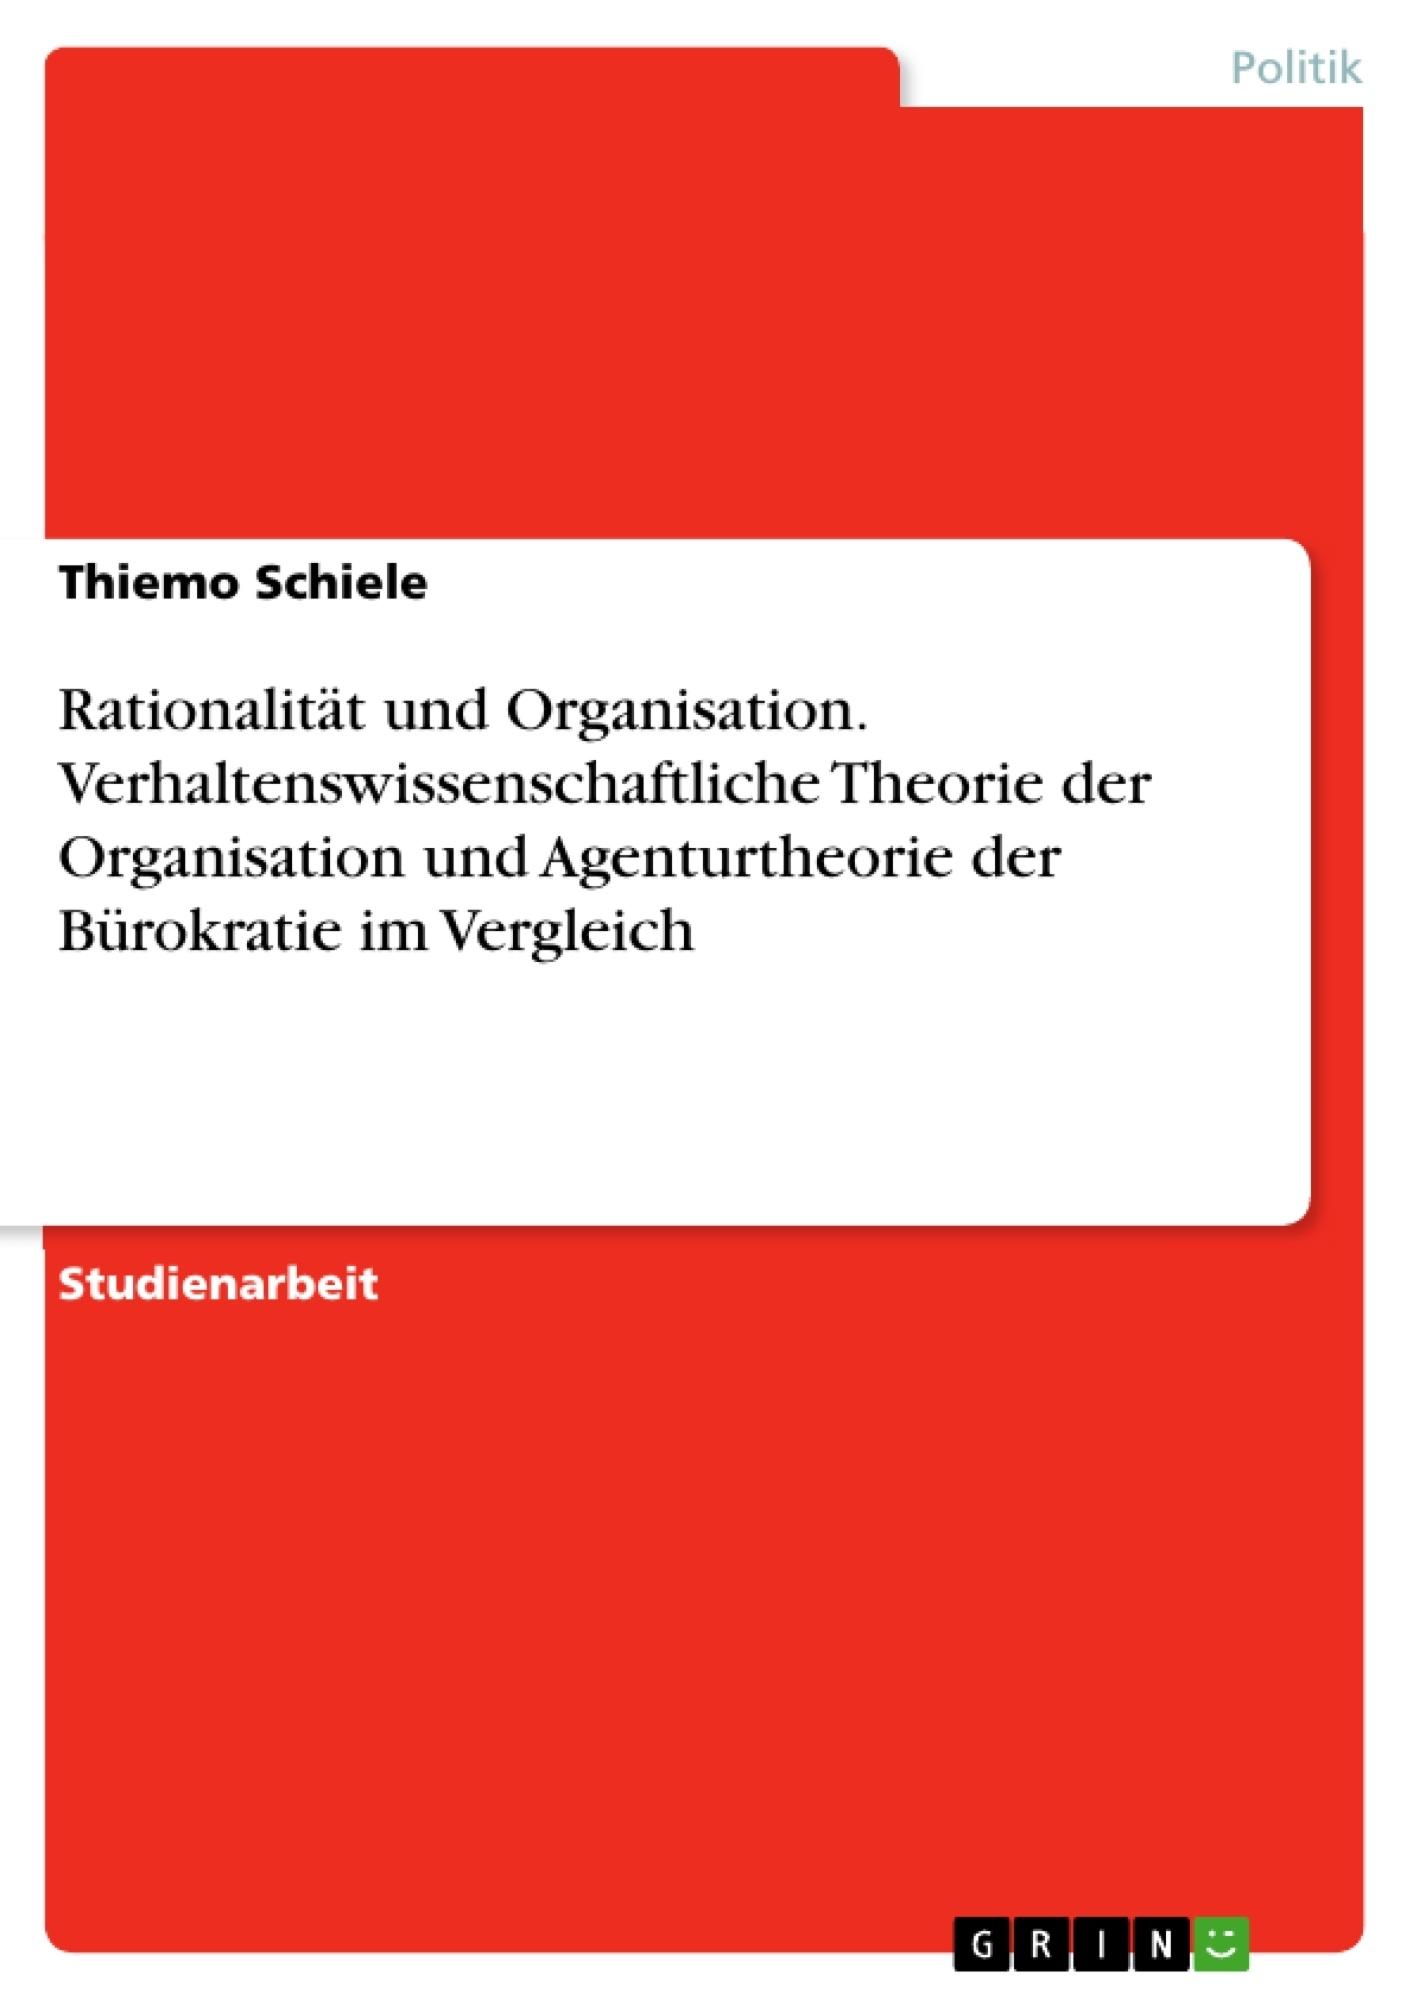 Titel: Rationalität und Organisation. Verhaltenswissenschaftliche Theorie der Organisation und Agenturtheorie der Bürokratie im Vergleich